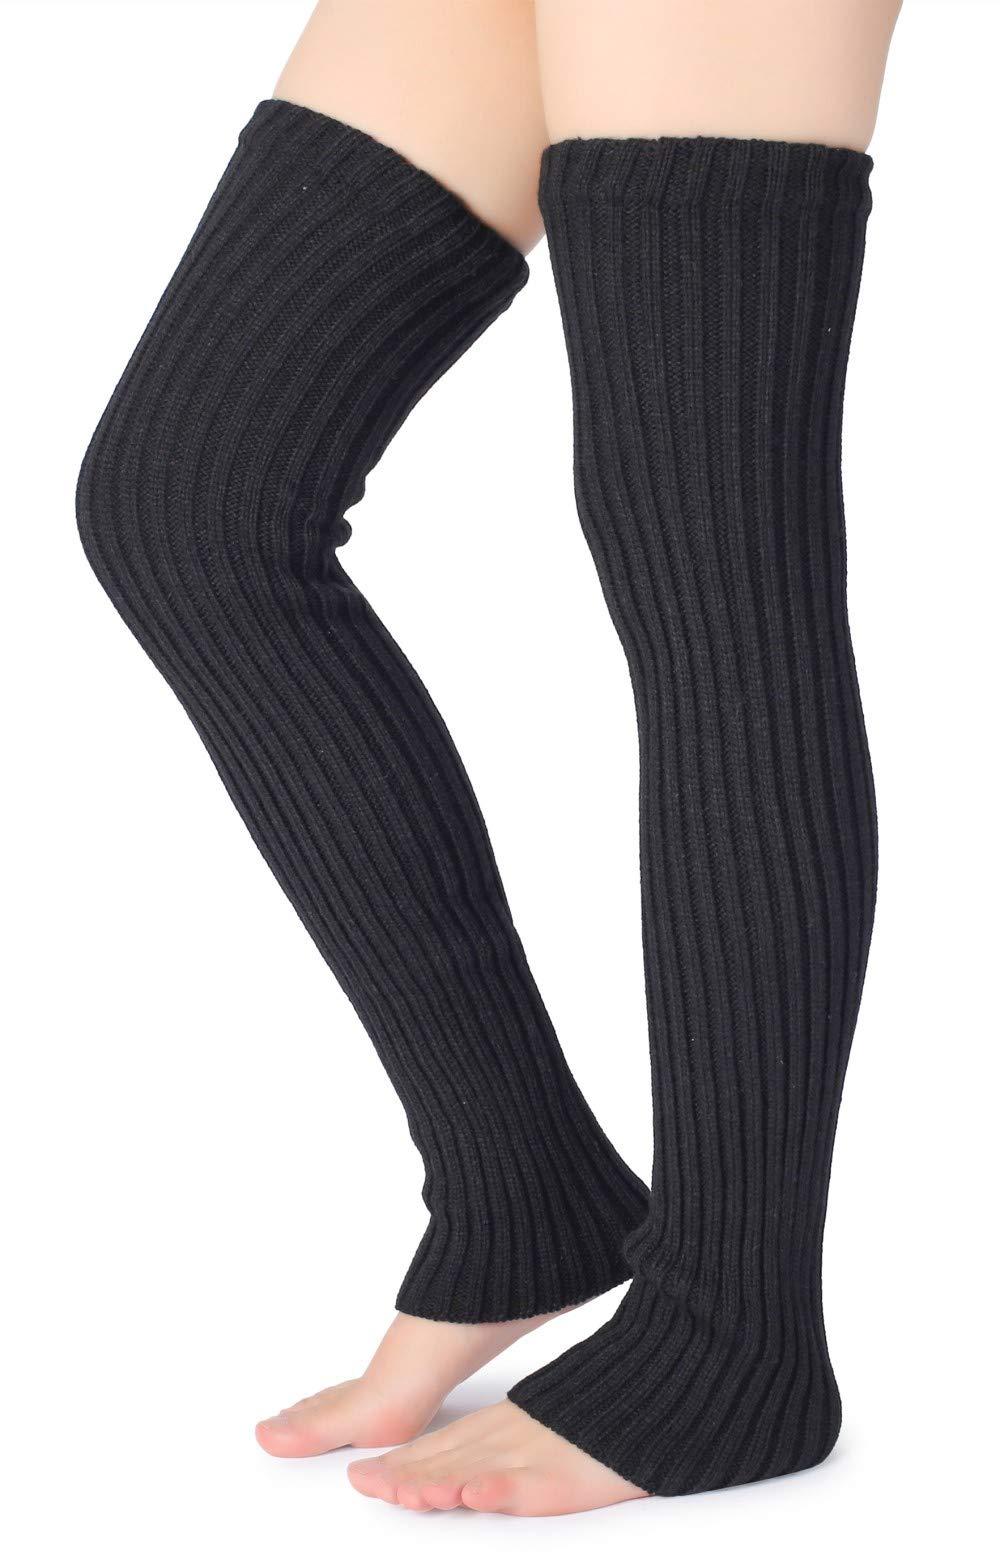 Eleray Women's Winter Over Knee High Footless Socks Knit Warm Long Leg Warmers (Black)